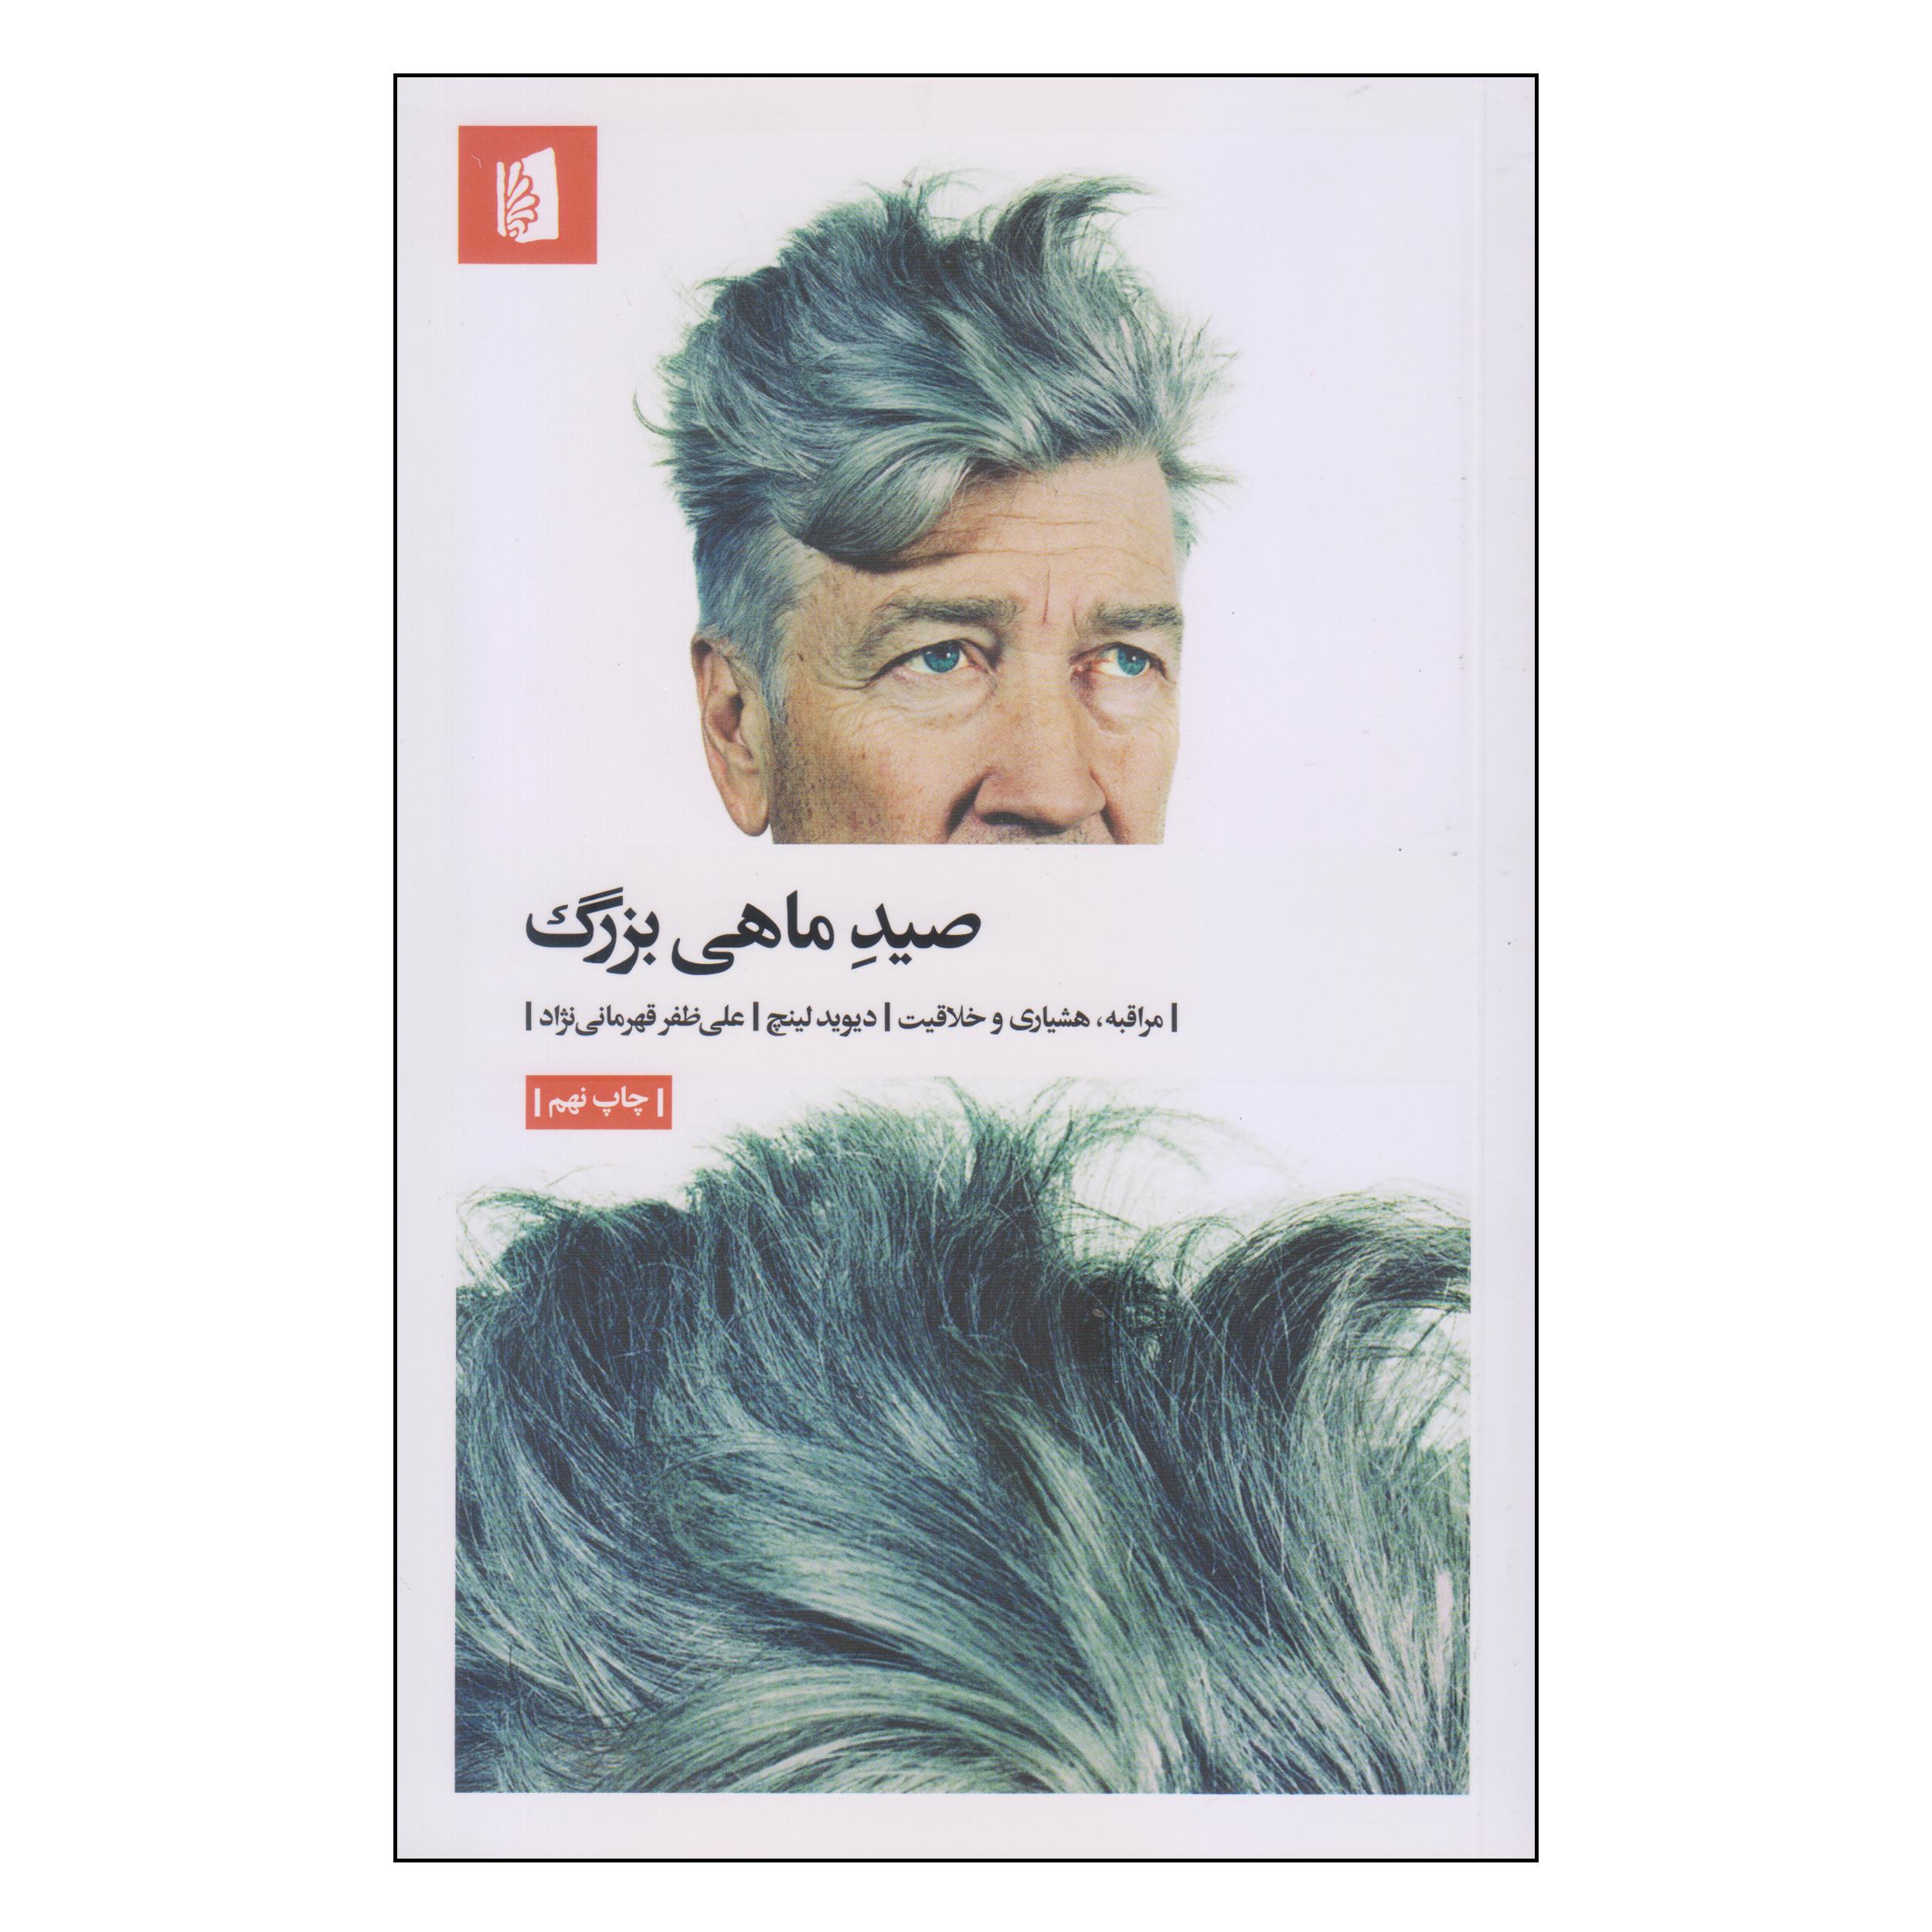 خرید                      کتاب صید ماهی بزرگ اثر دیوید لینچ نشر بیدگل